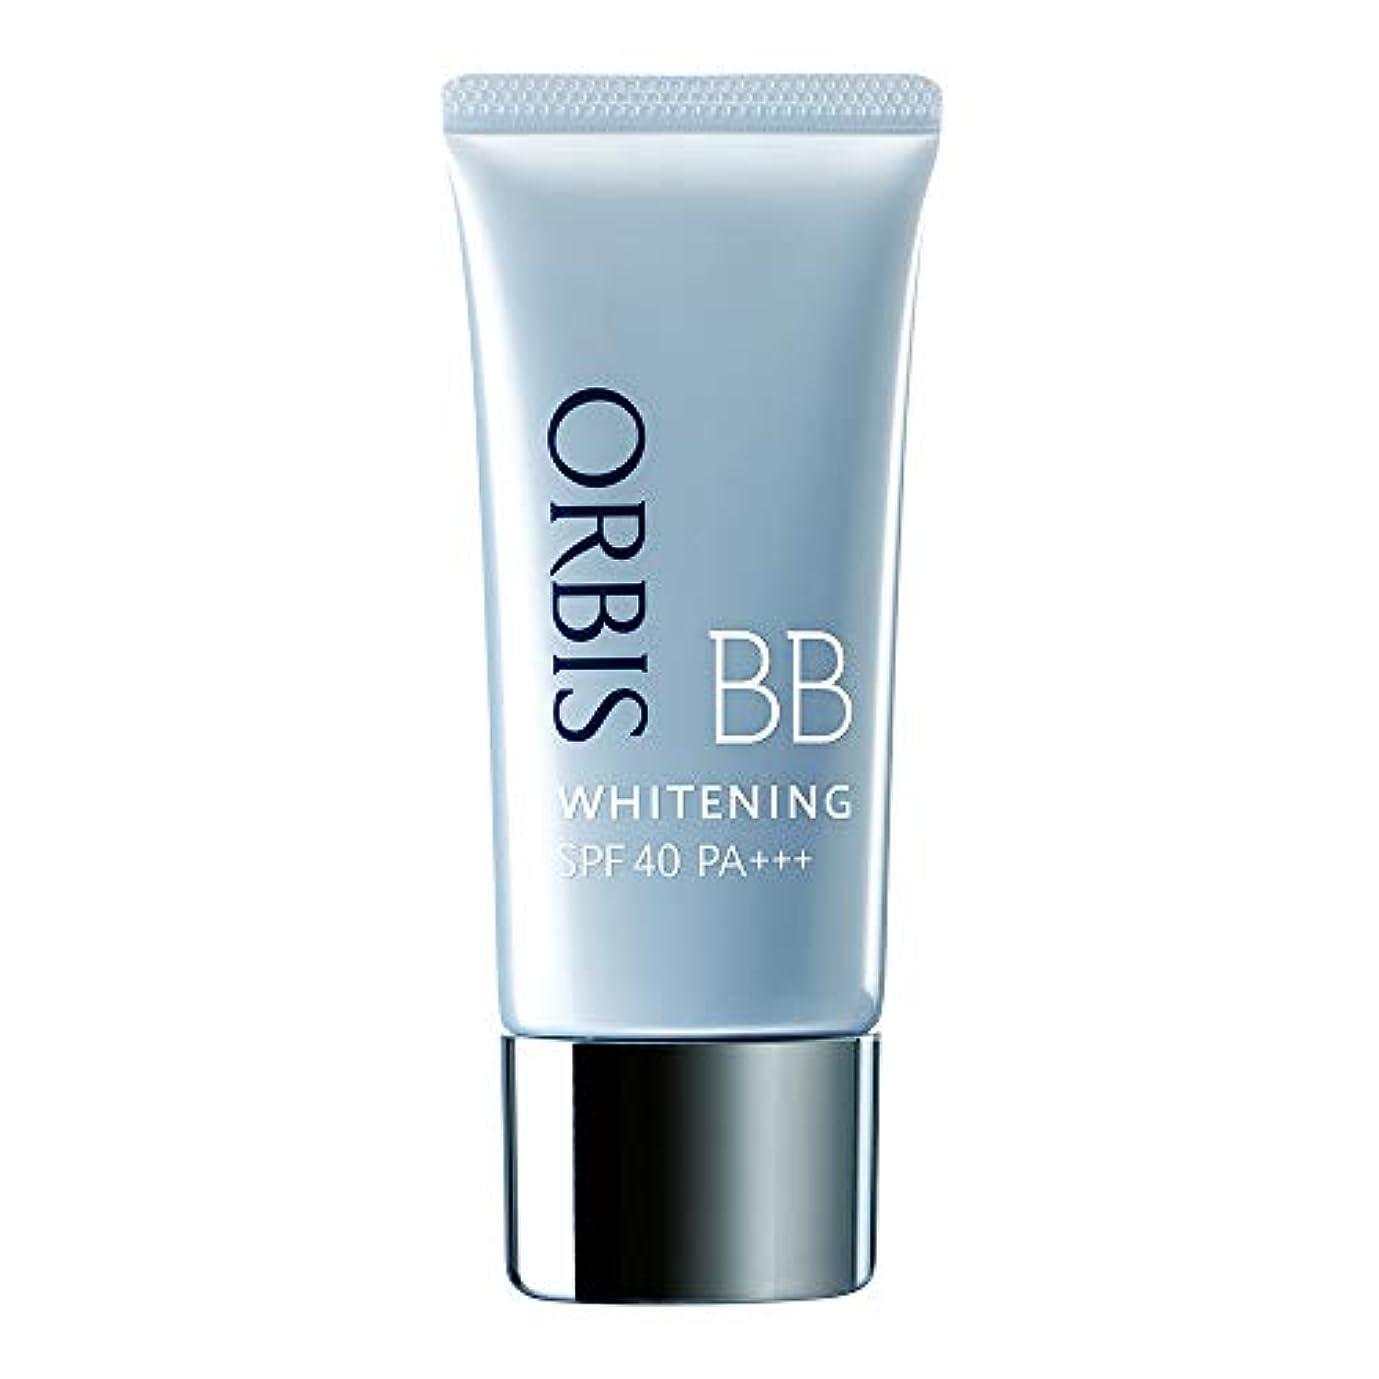 シャワーやむを得ない爆風オルビス(ORBIS) ホワイトニングBB(パフなし)ナチュラル 35g SPF40/PA+++ ◎薬用美白BBクリーム◎ [医薬部外品]